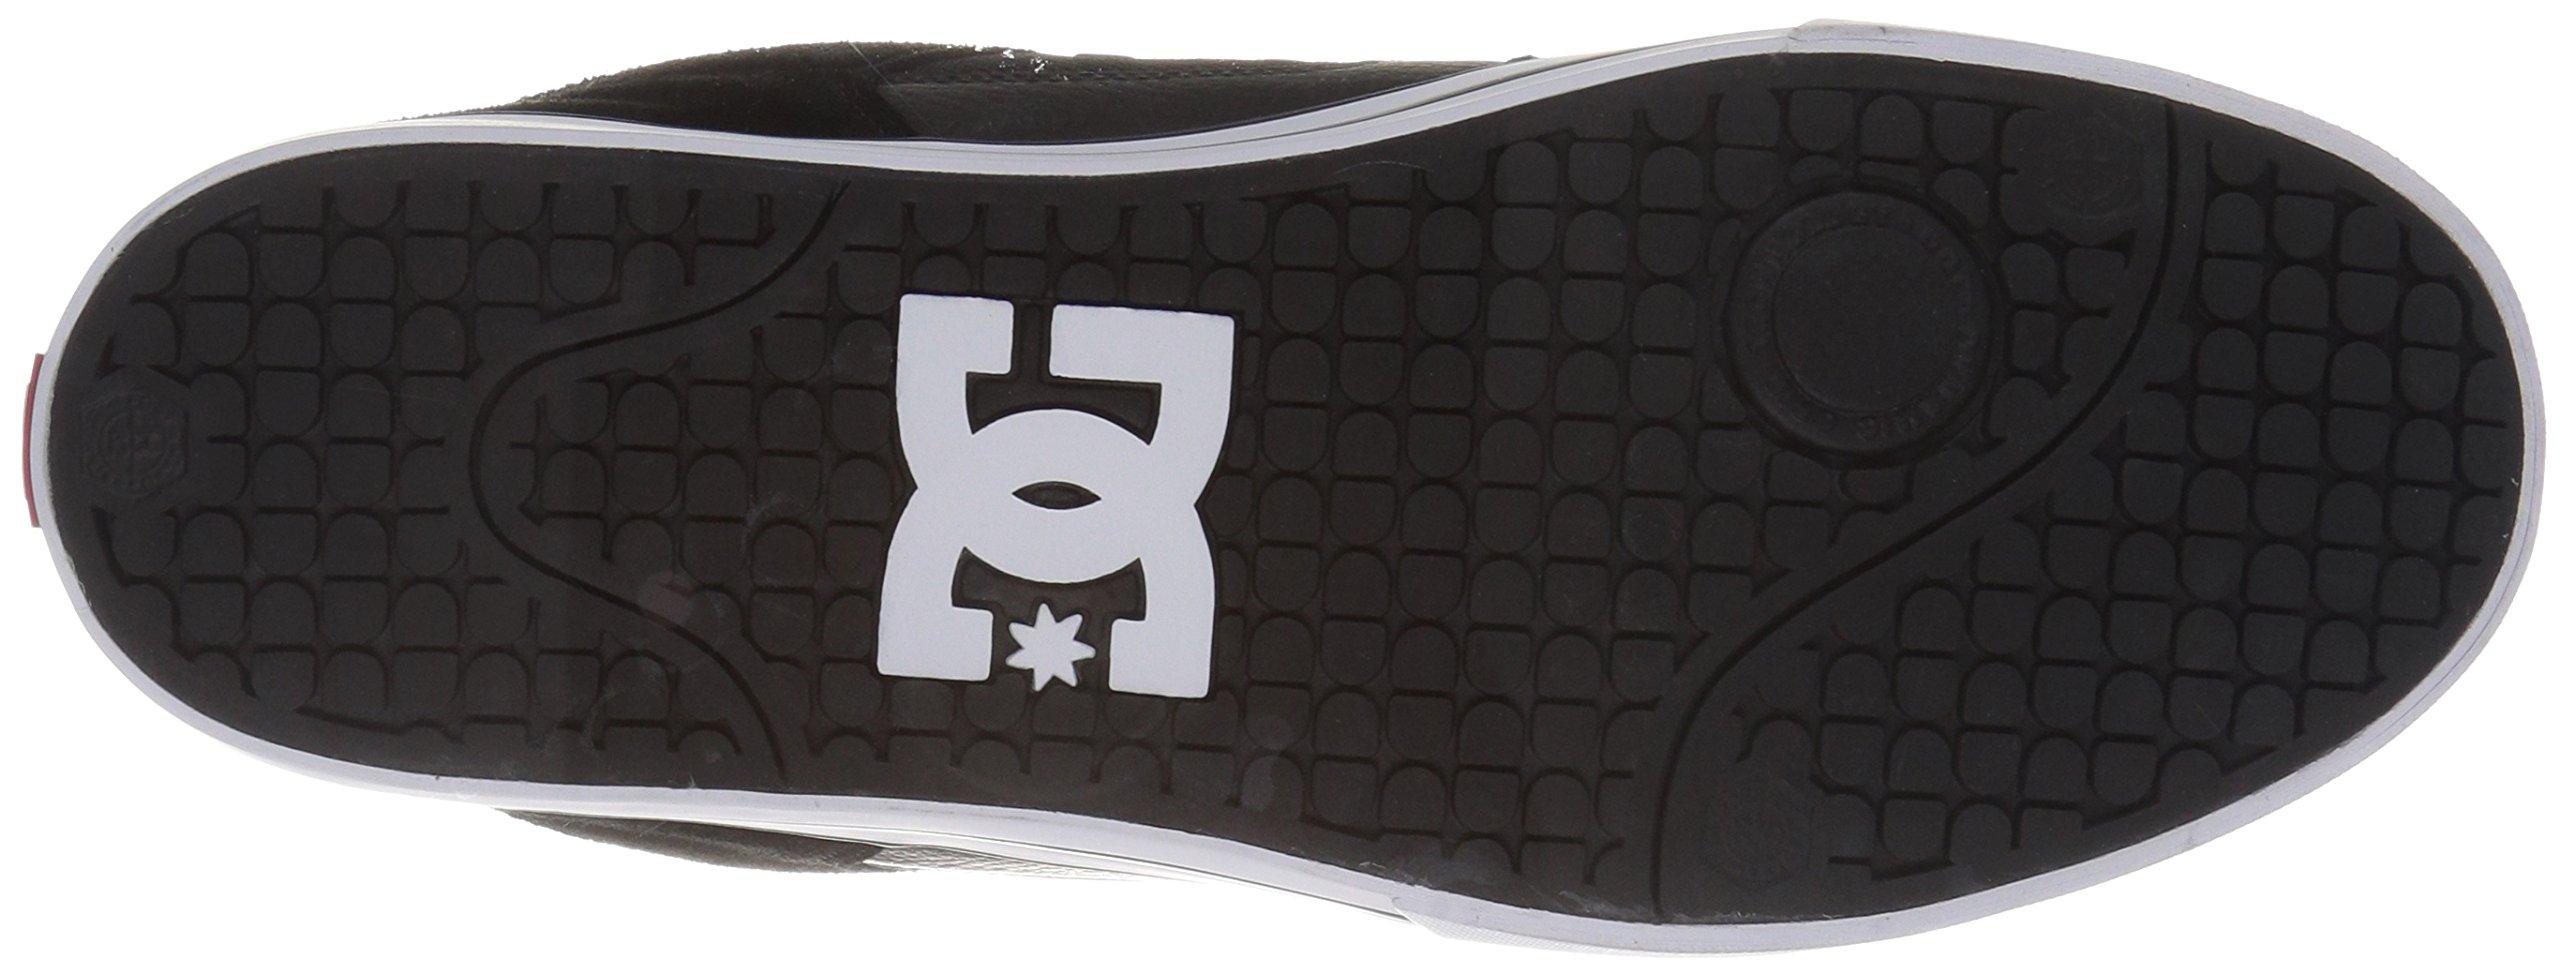 DC Shoes Mens Shoes Pure - Shoes - Men - 9.5 - Black Black/Athletic Red 9.5 by DC (Image #3)